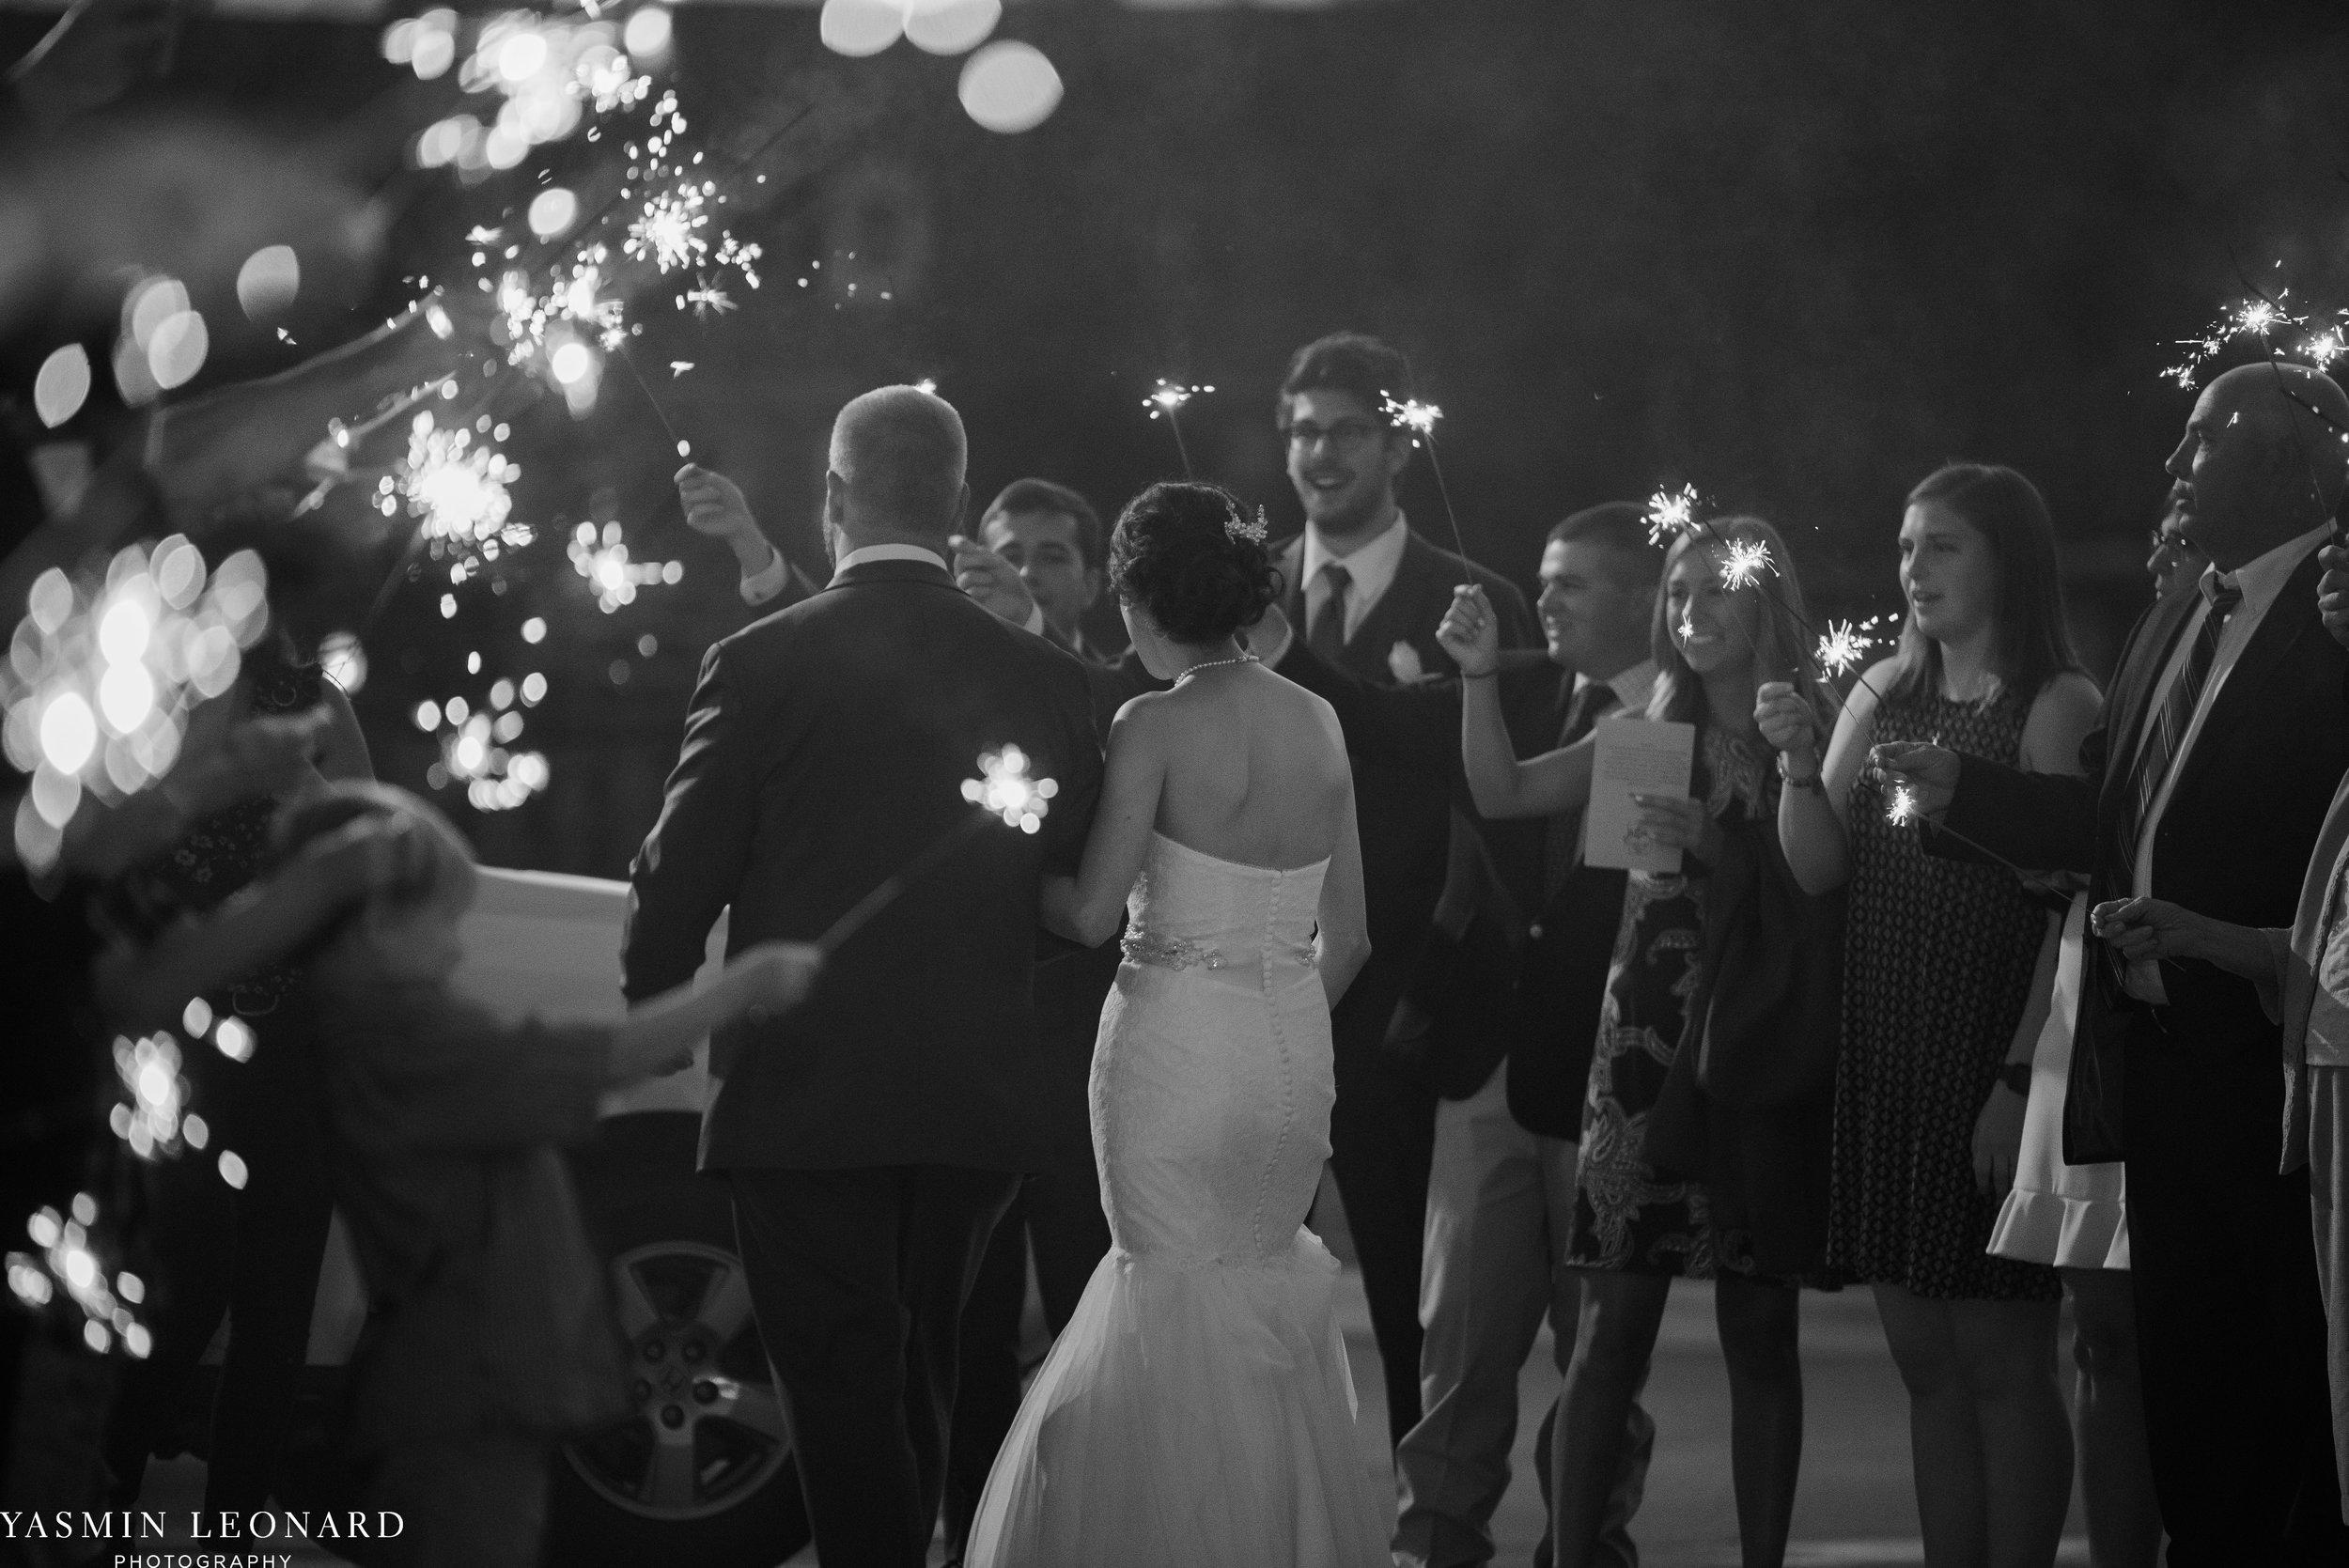 Mt. Pleasant Church - Church Wedding - Traditional Wedding - Church Ceremony - Country Wedding - Godly Wedding - NC Wedding Photographer - High Point Weddings - Triad Weddings - NC Venues-60.jpg